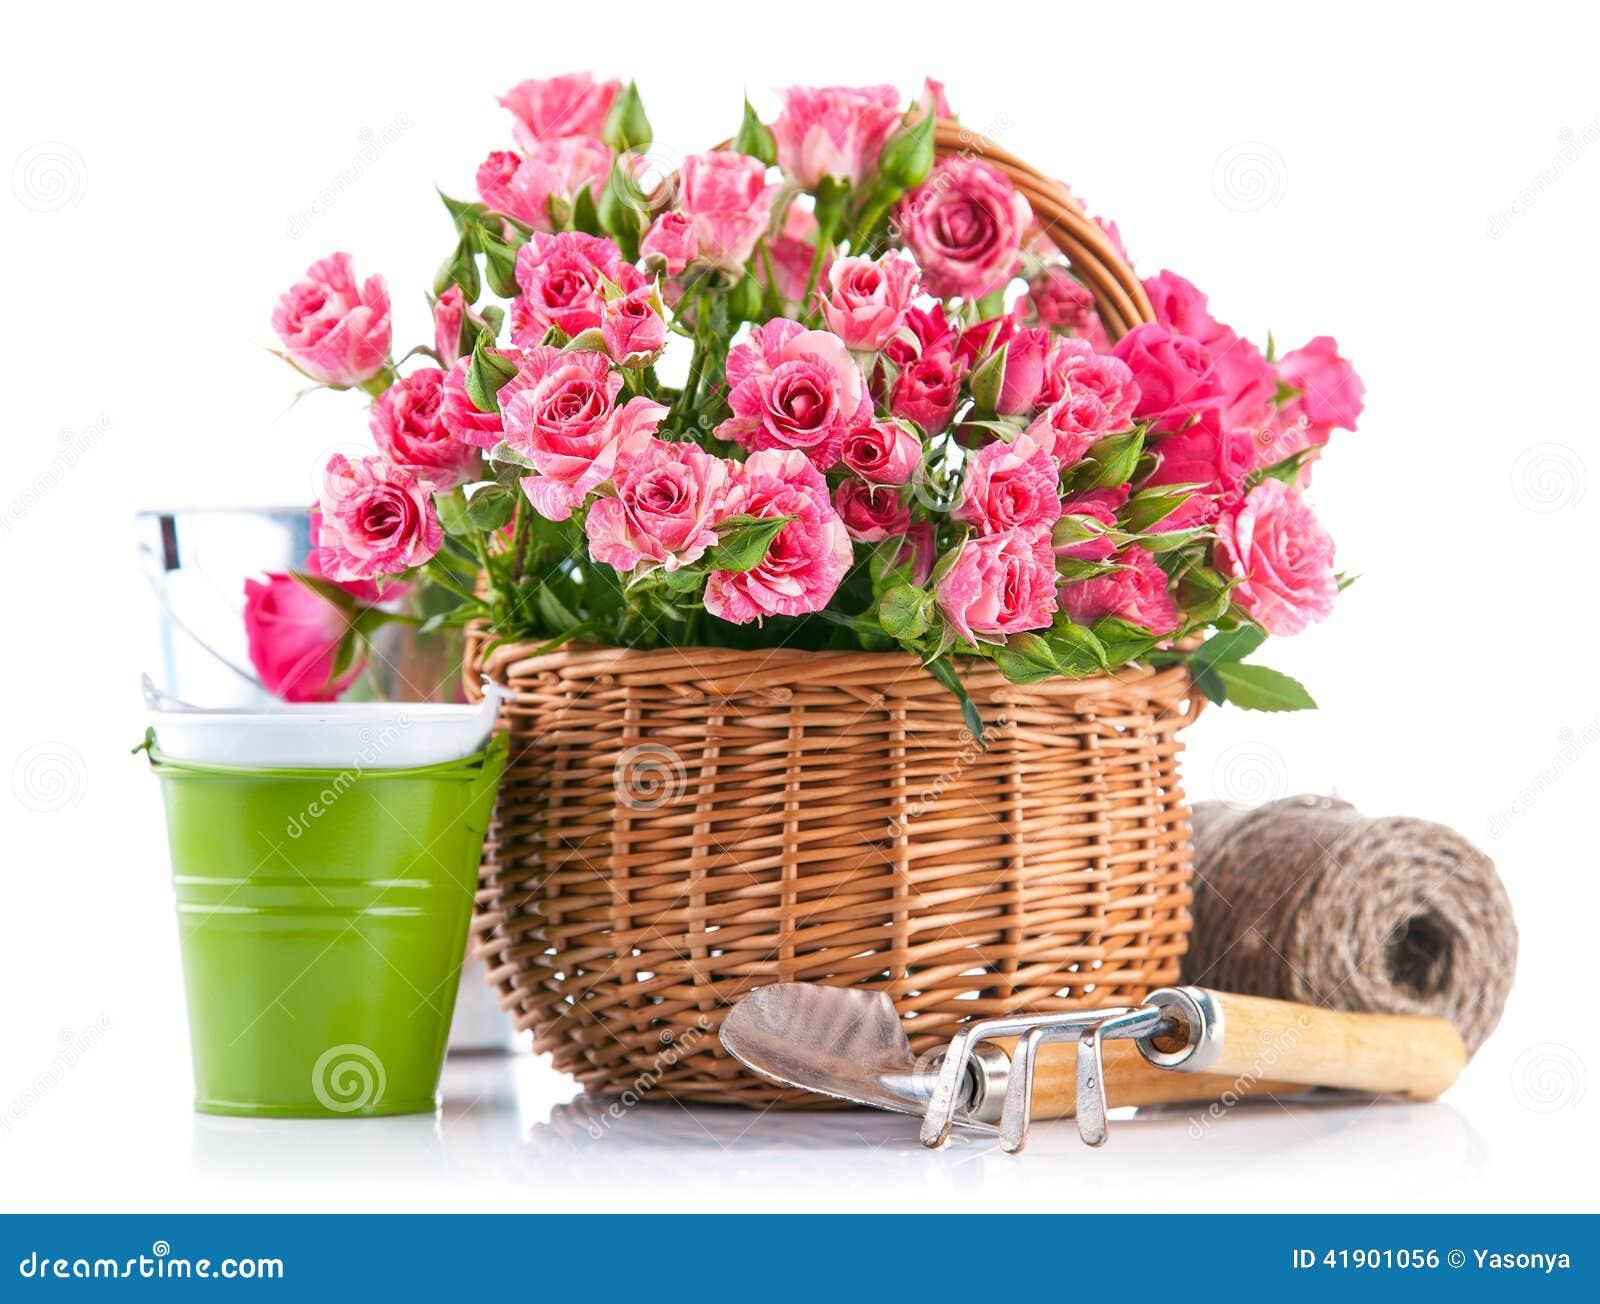 Rosa del rosa en cesta de mimbre con el utensilio de jardinería